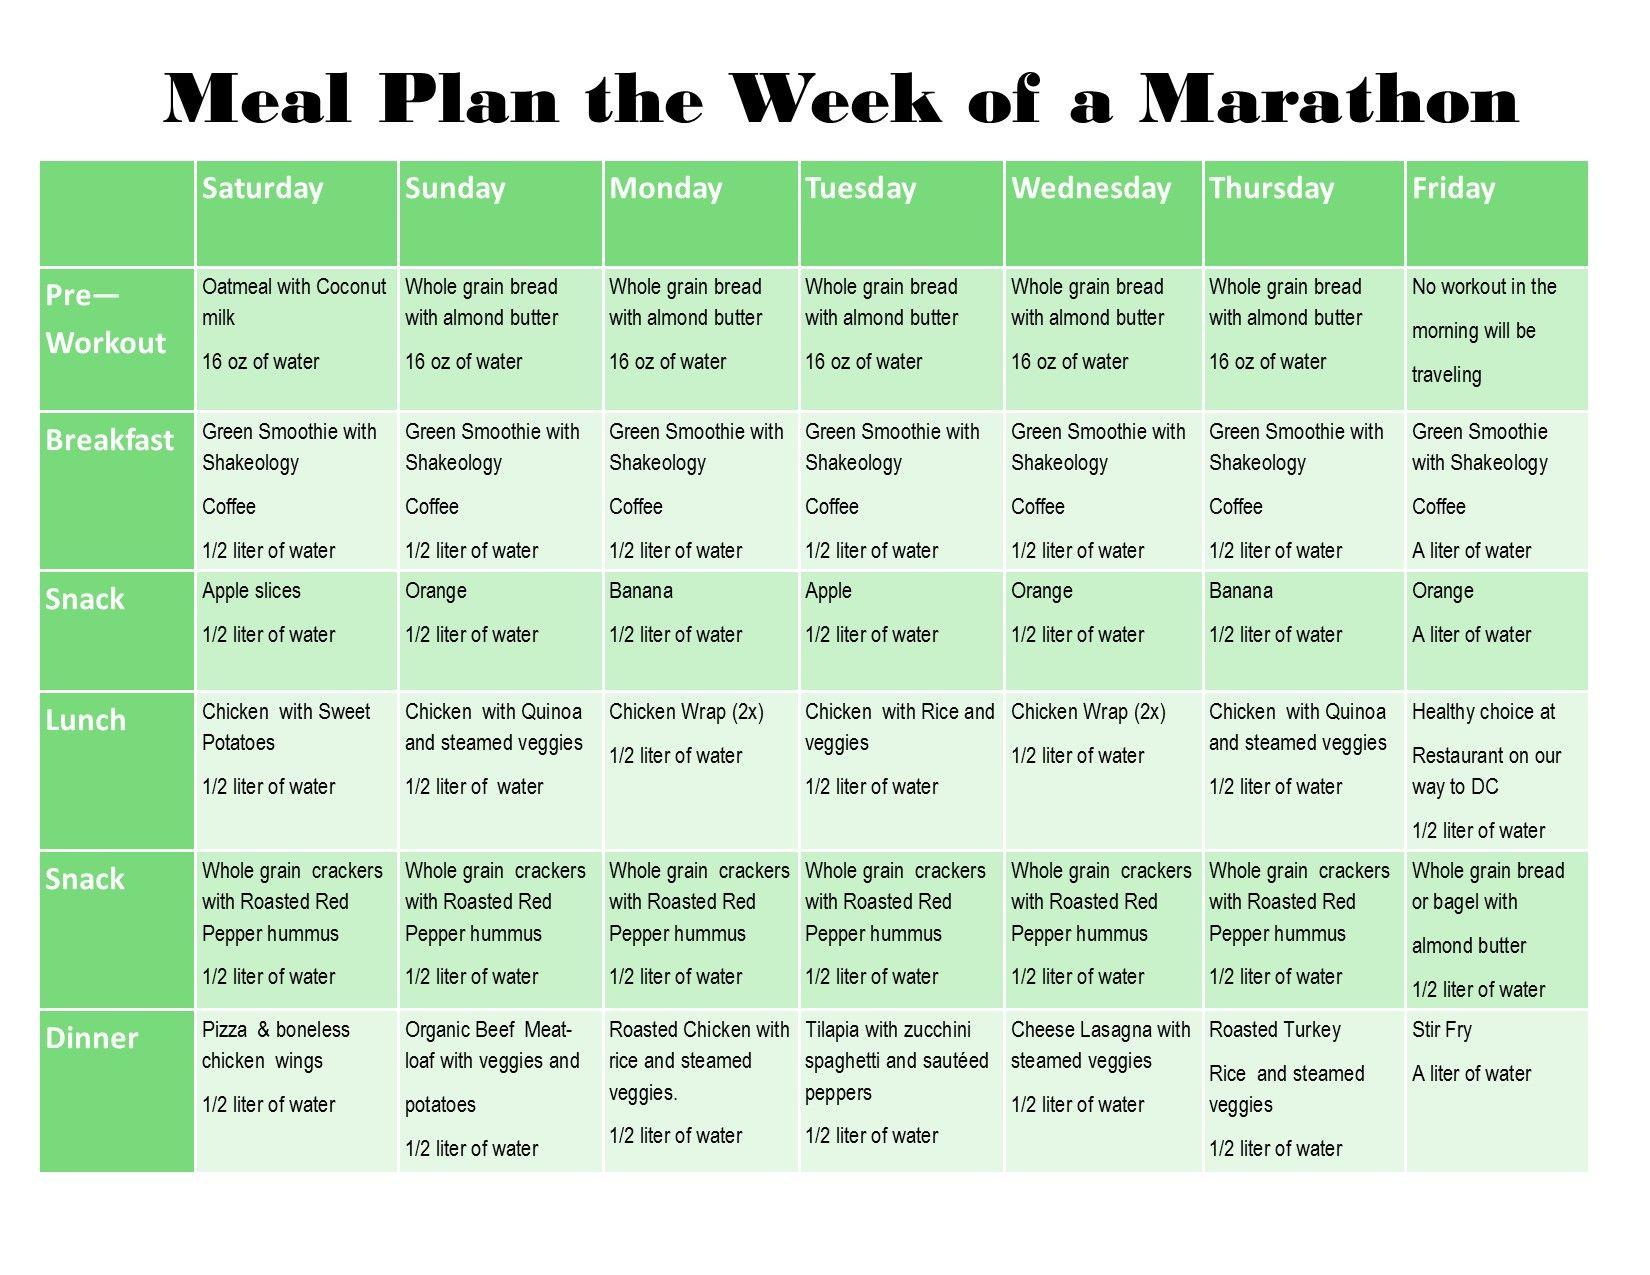 diet when running a half marathon